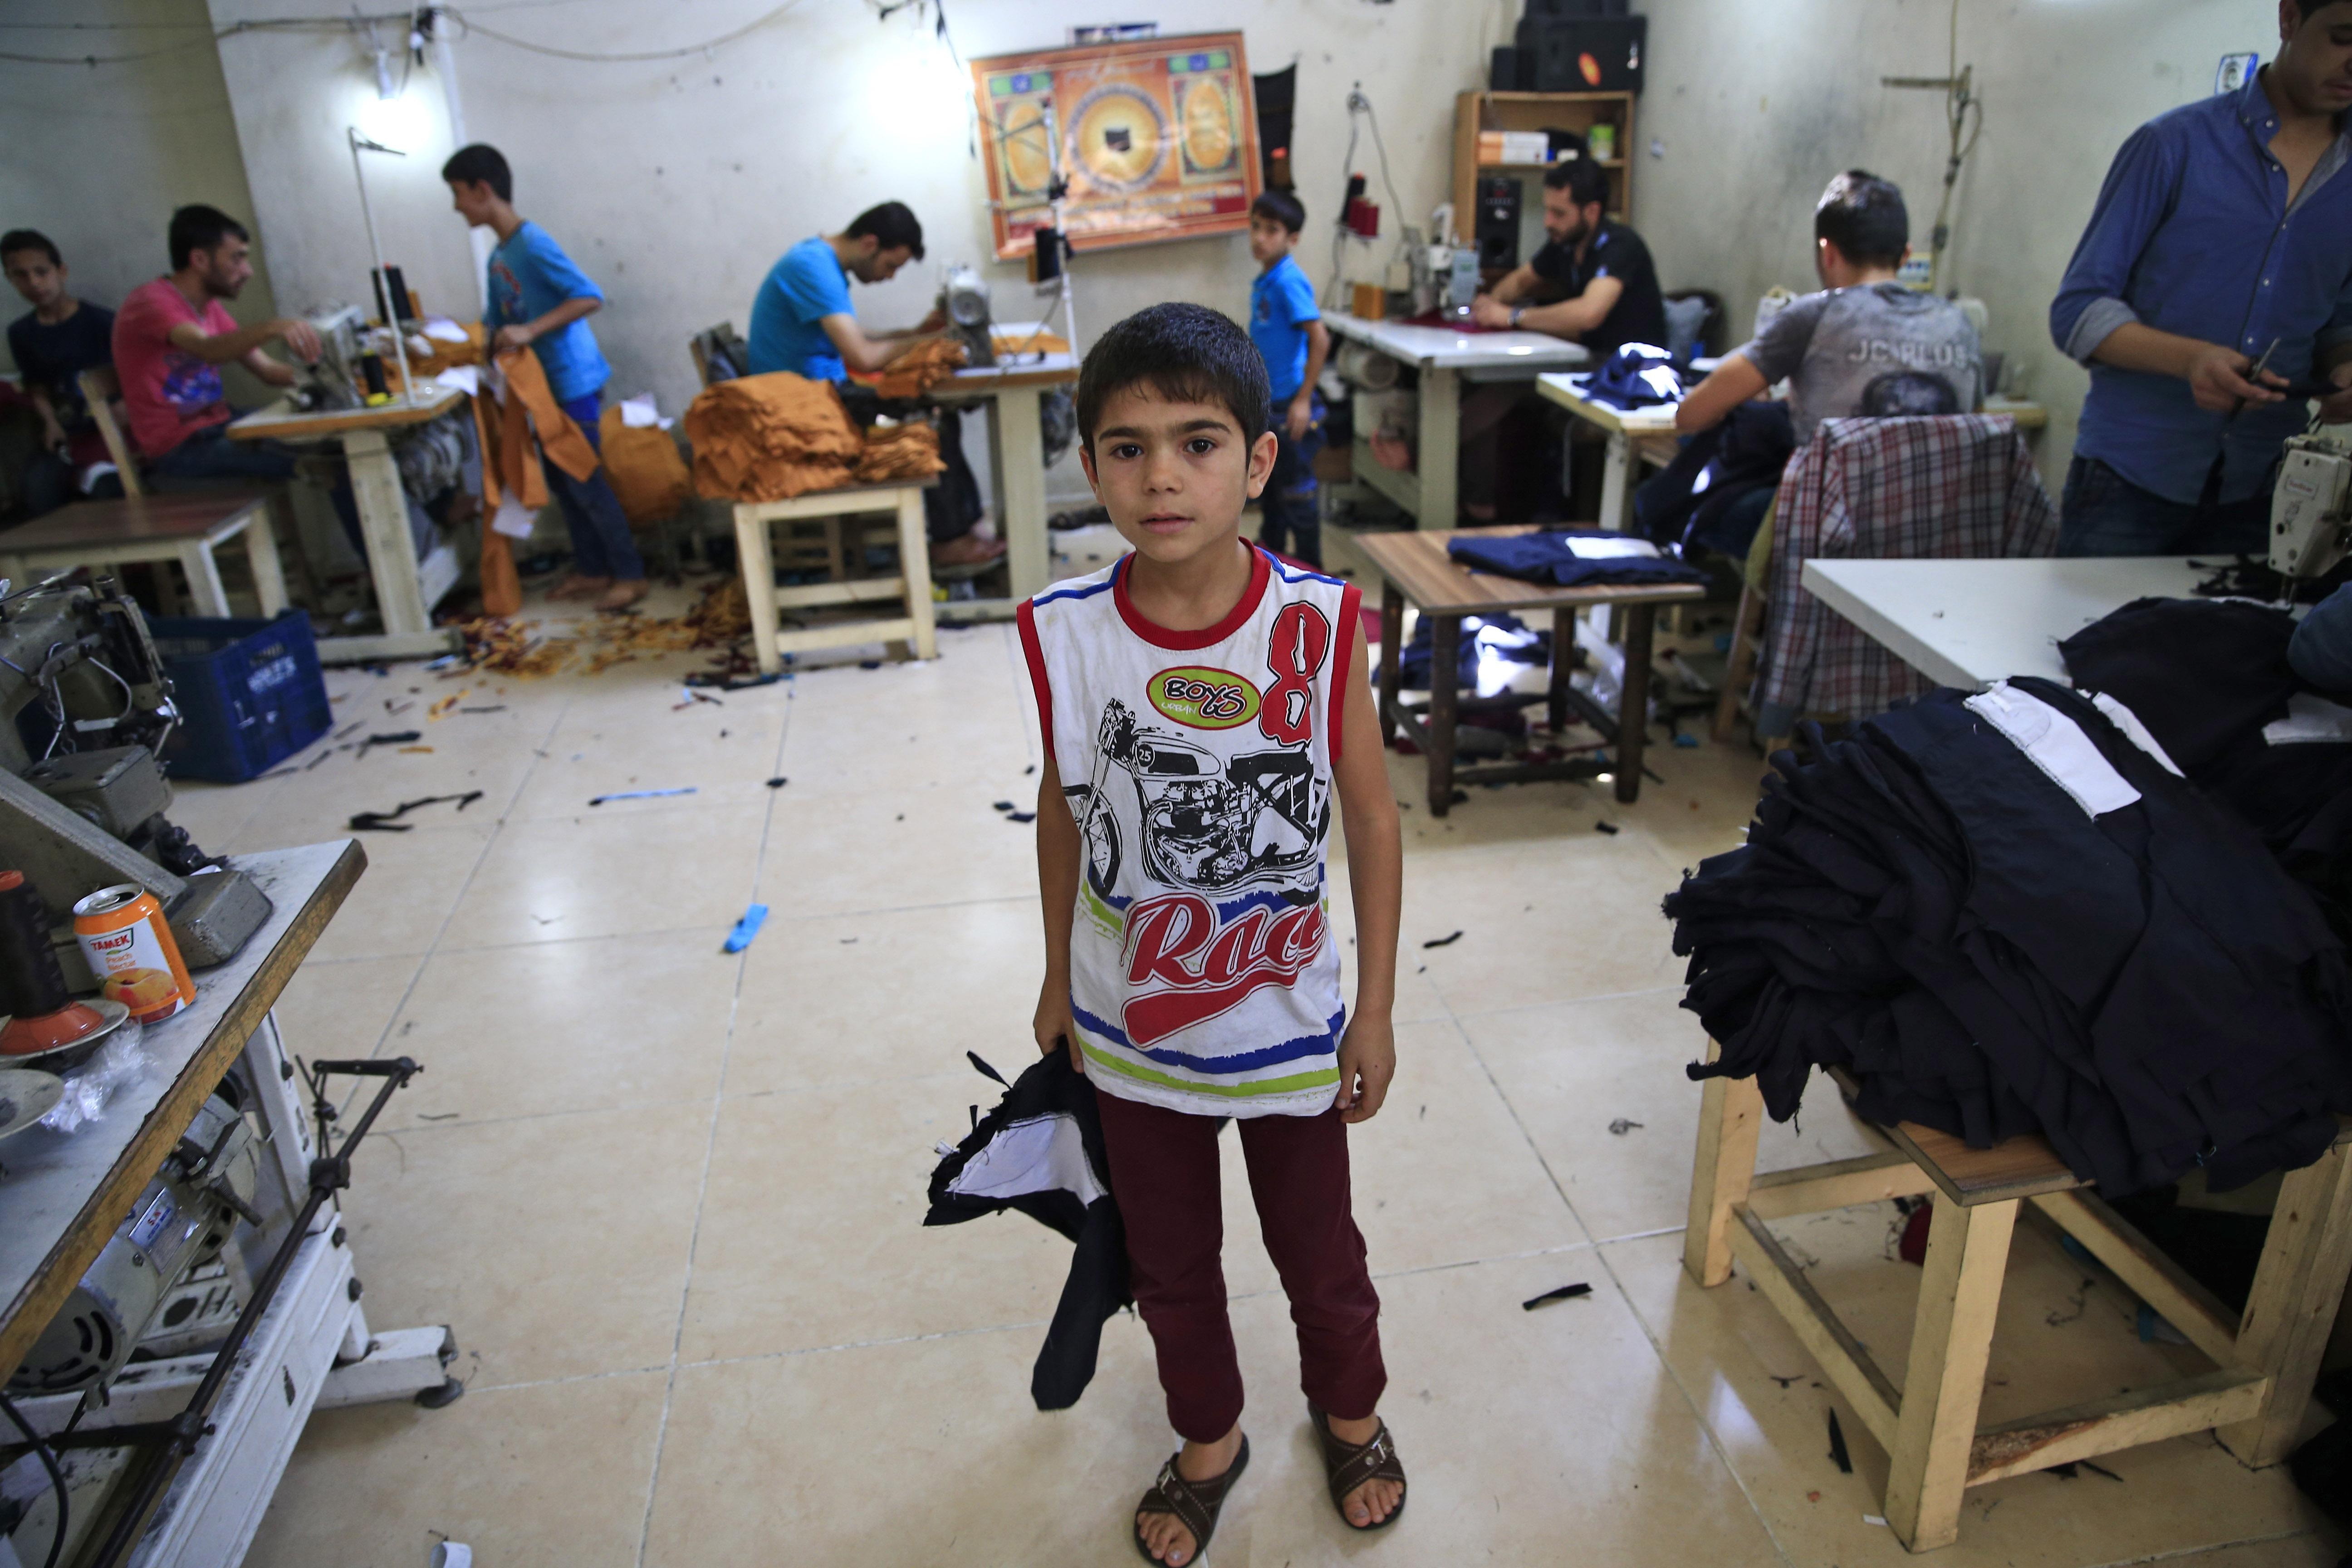 Προσφυγόπουλο από τη Συρία - Aleppo δουλεύει σε βιοτεχνία ενδυμάτων στο Gaziantep, ΝΑ Τουρκία,© Λευτέρης Πιταράκης/Associated Press